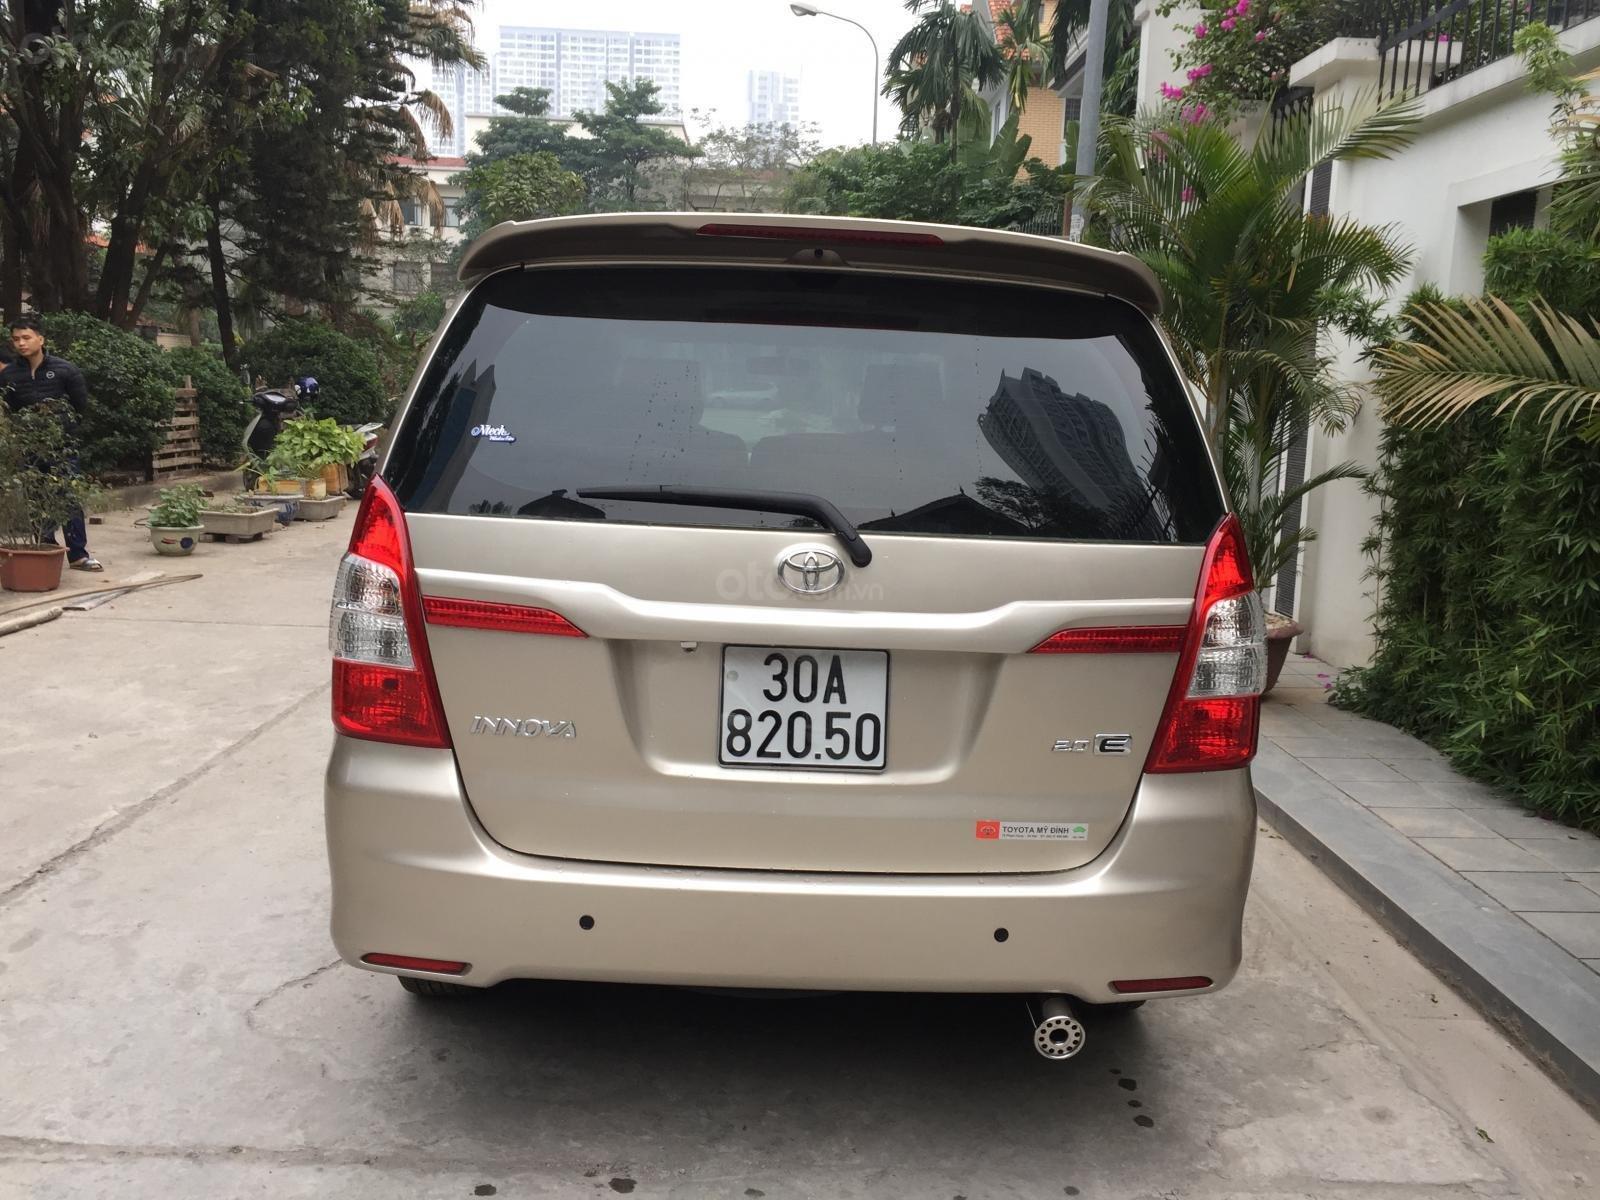 Chính chủ tôi cần bán chiếc Toyota Innova 2.0E 2015 số sàn, màu cát vàng ai có nhu cầu LH cho tôi 0984386598 (5)